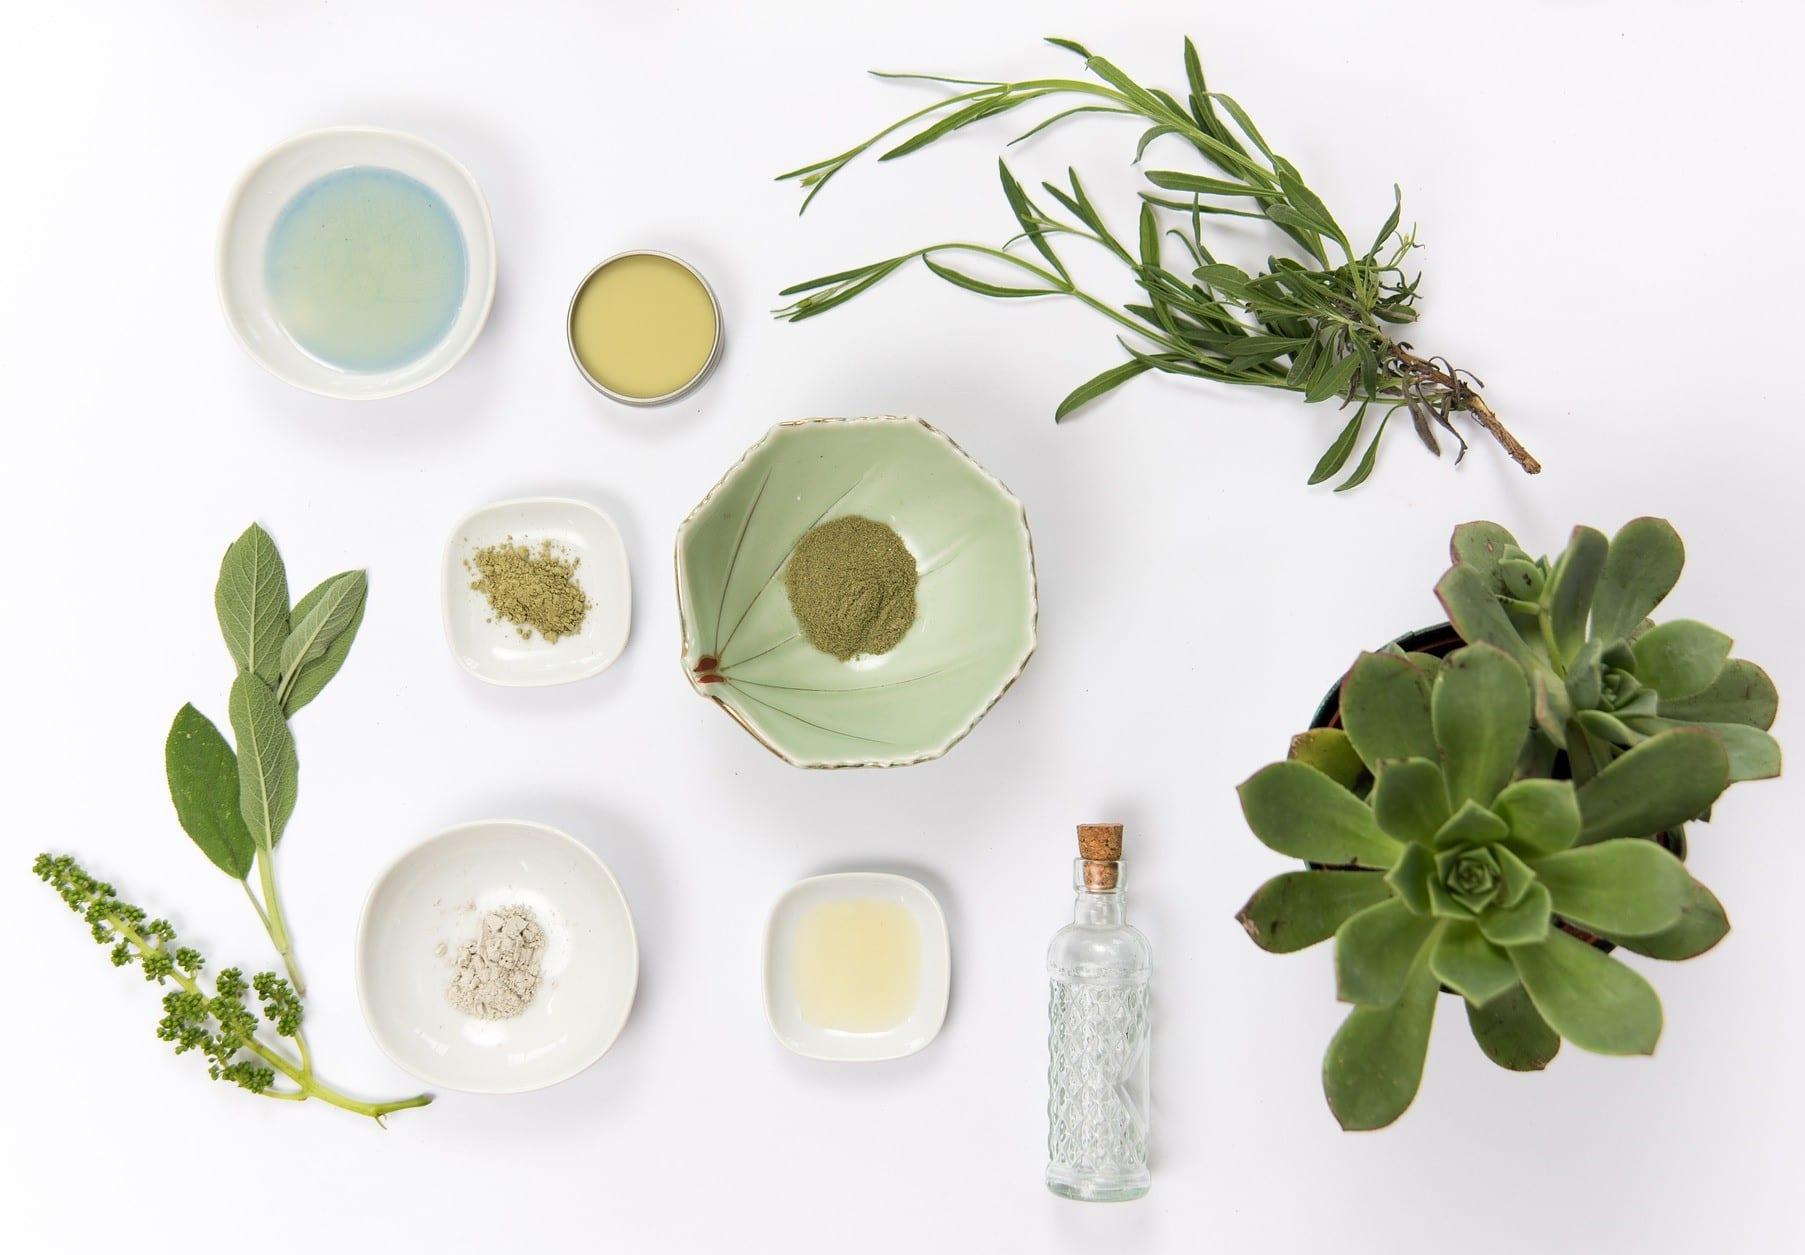 Luonnonkosmetiikan raaka-aineet voidaan uuttaa tai puristaa kasveista